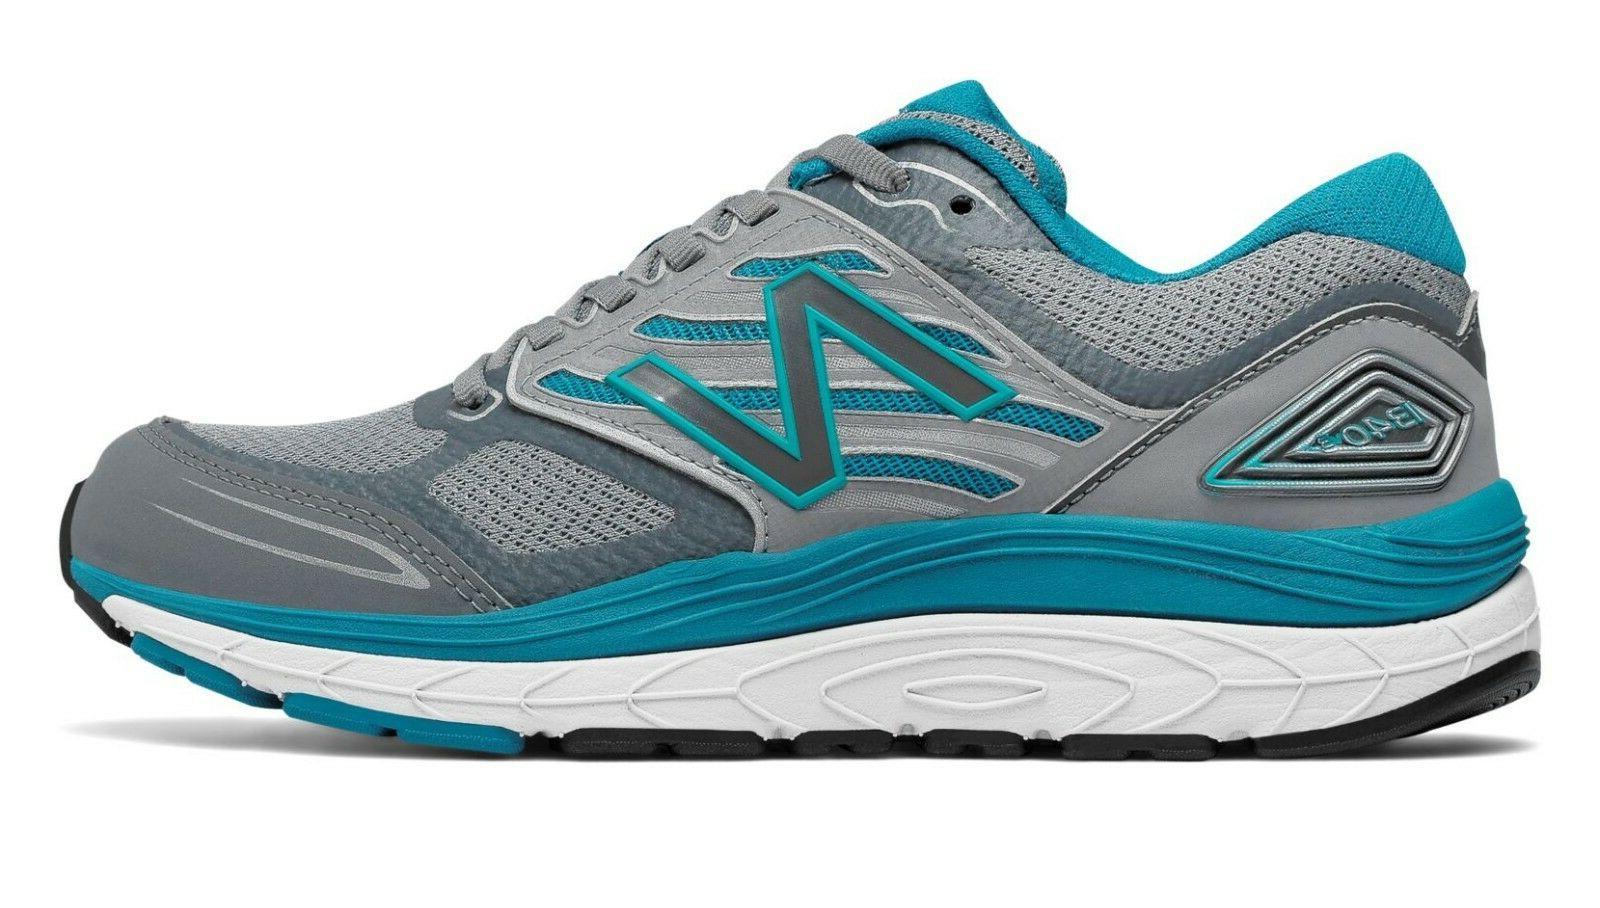 w1340gb3 women s 1340v3 cushioning gray running